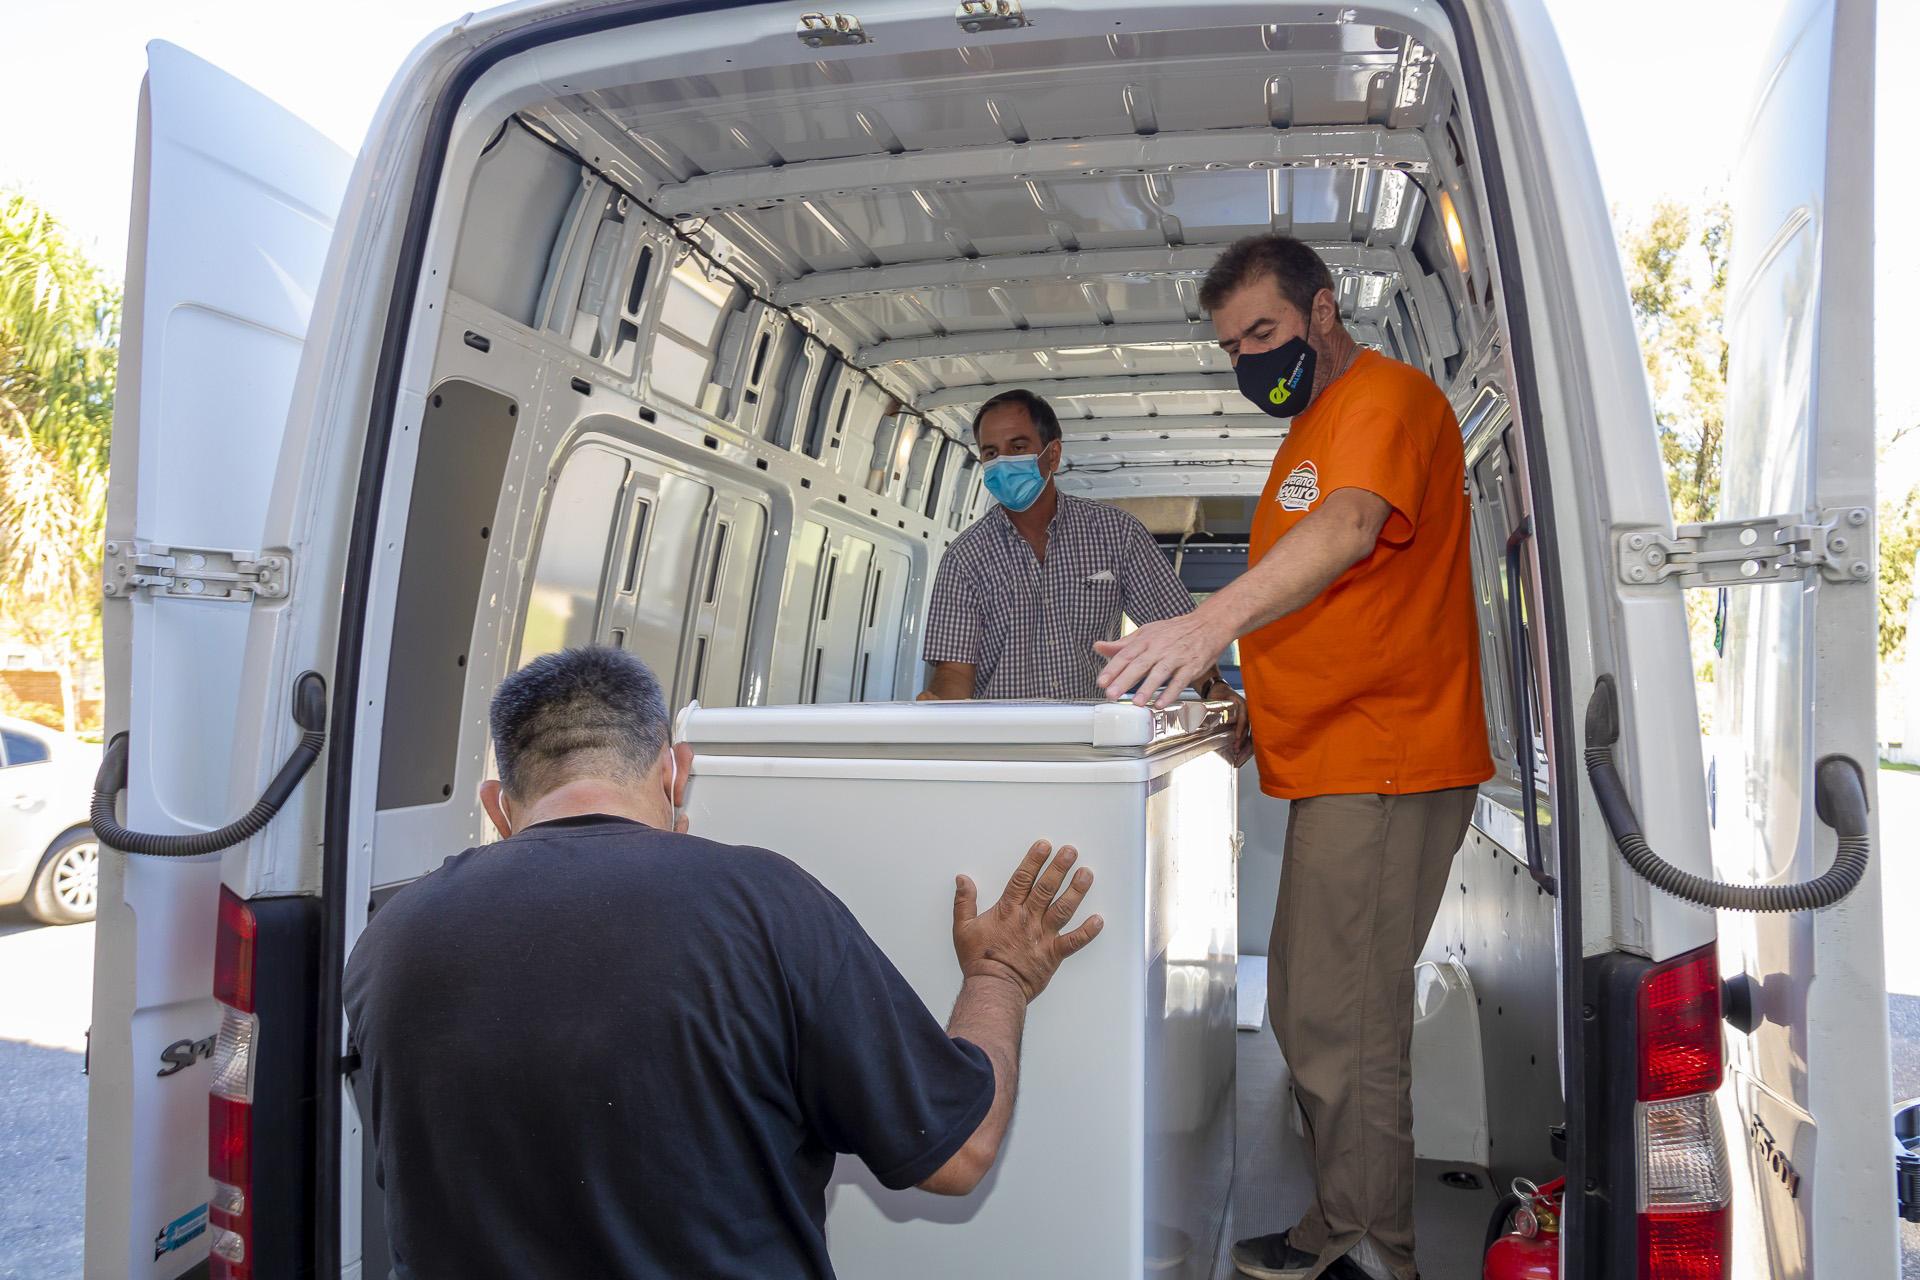 Comenzó la distribución de freezers para la Campaña de Vacunación contra  Covid - Ministerio de Salud